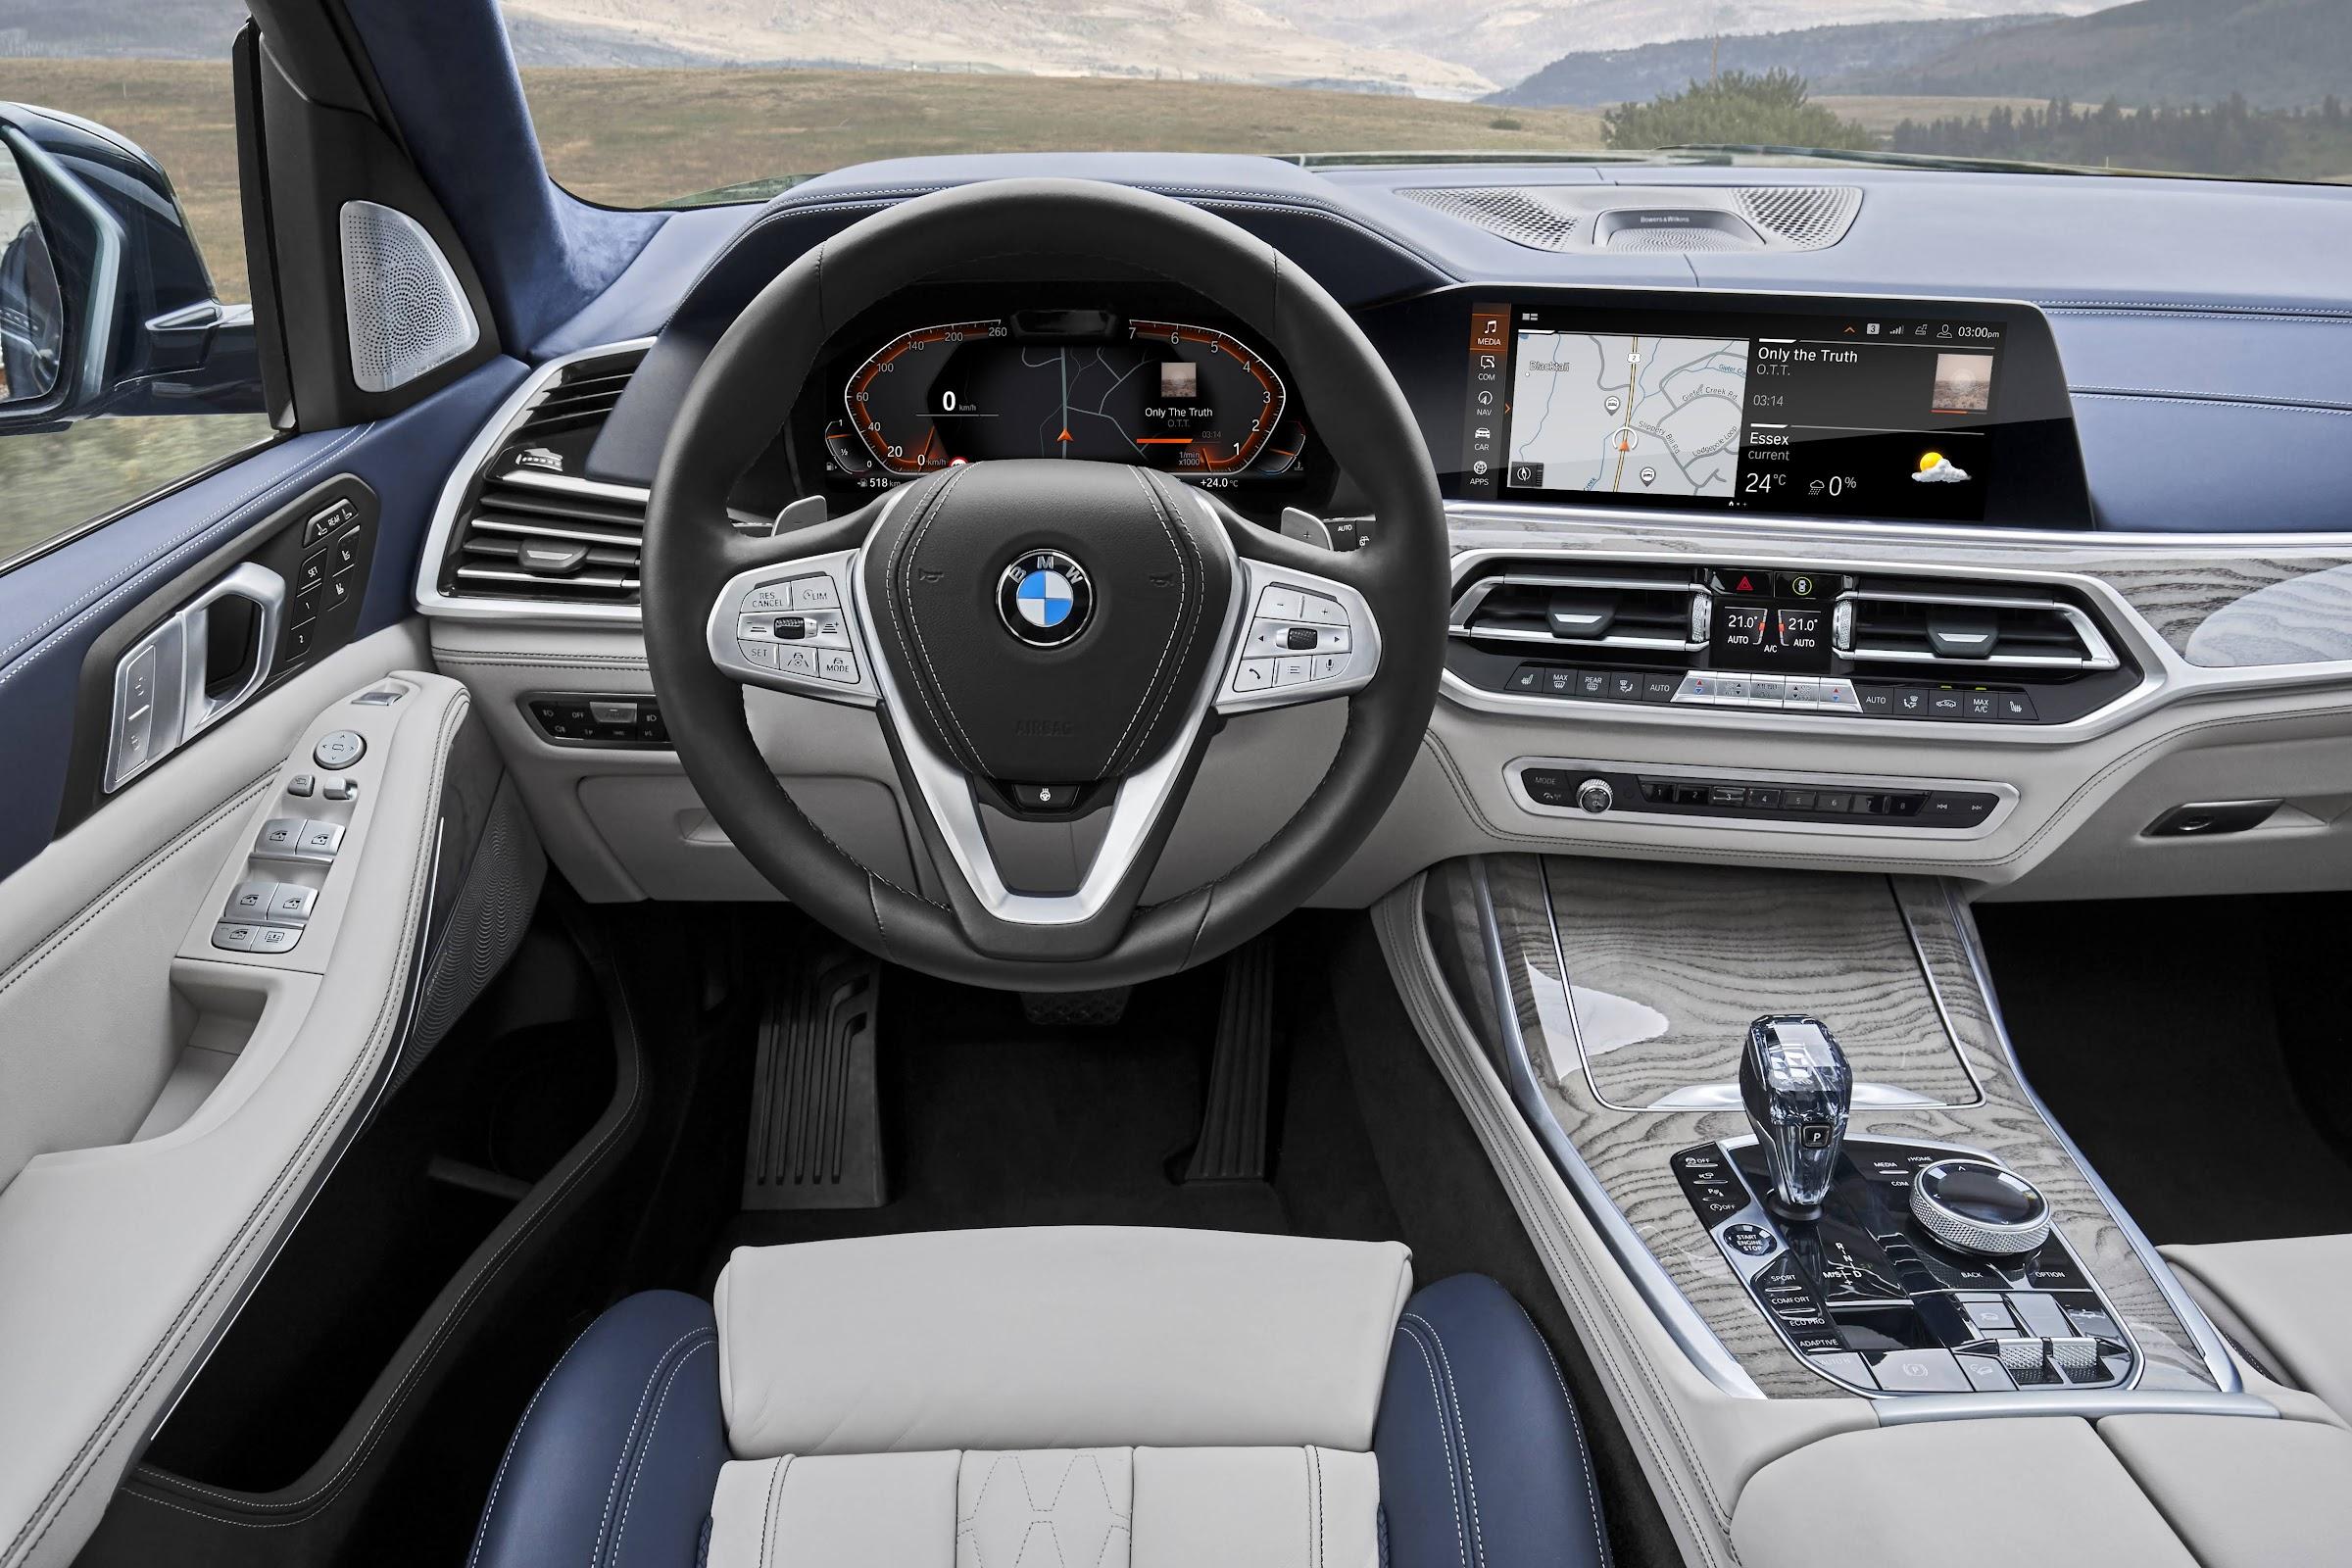 gC9kskxMM26 HvkqaXtD2eS1vfzQN 5AUSVns0VwcLE0VecDnT3L3EuwSA3yo5pD gSij7 BAdTxx86foiX jD1i3kmltugT9 1S4ZcvGdK3twtK5H6i0nEM 1UvNhuOzeIH2qEKlg=w2400 - Presentado el nuevo BMW X7